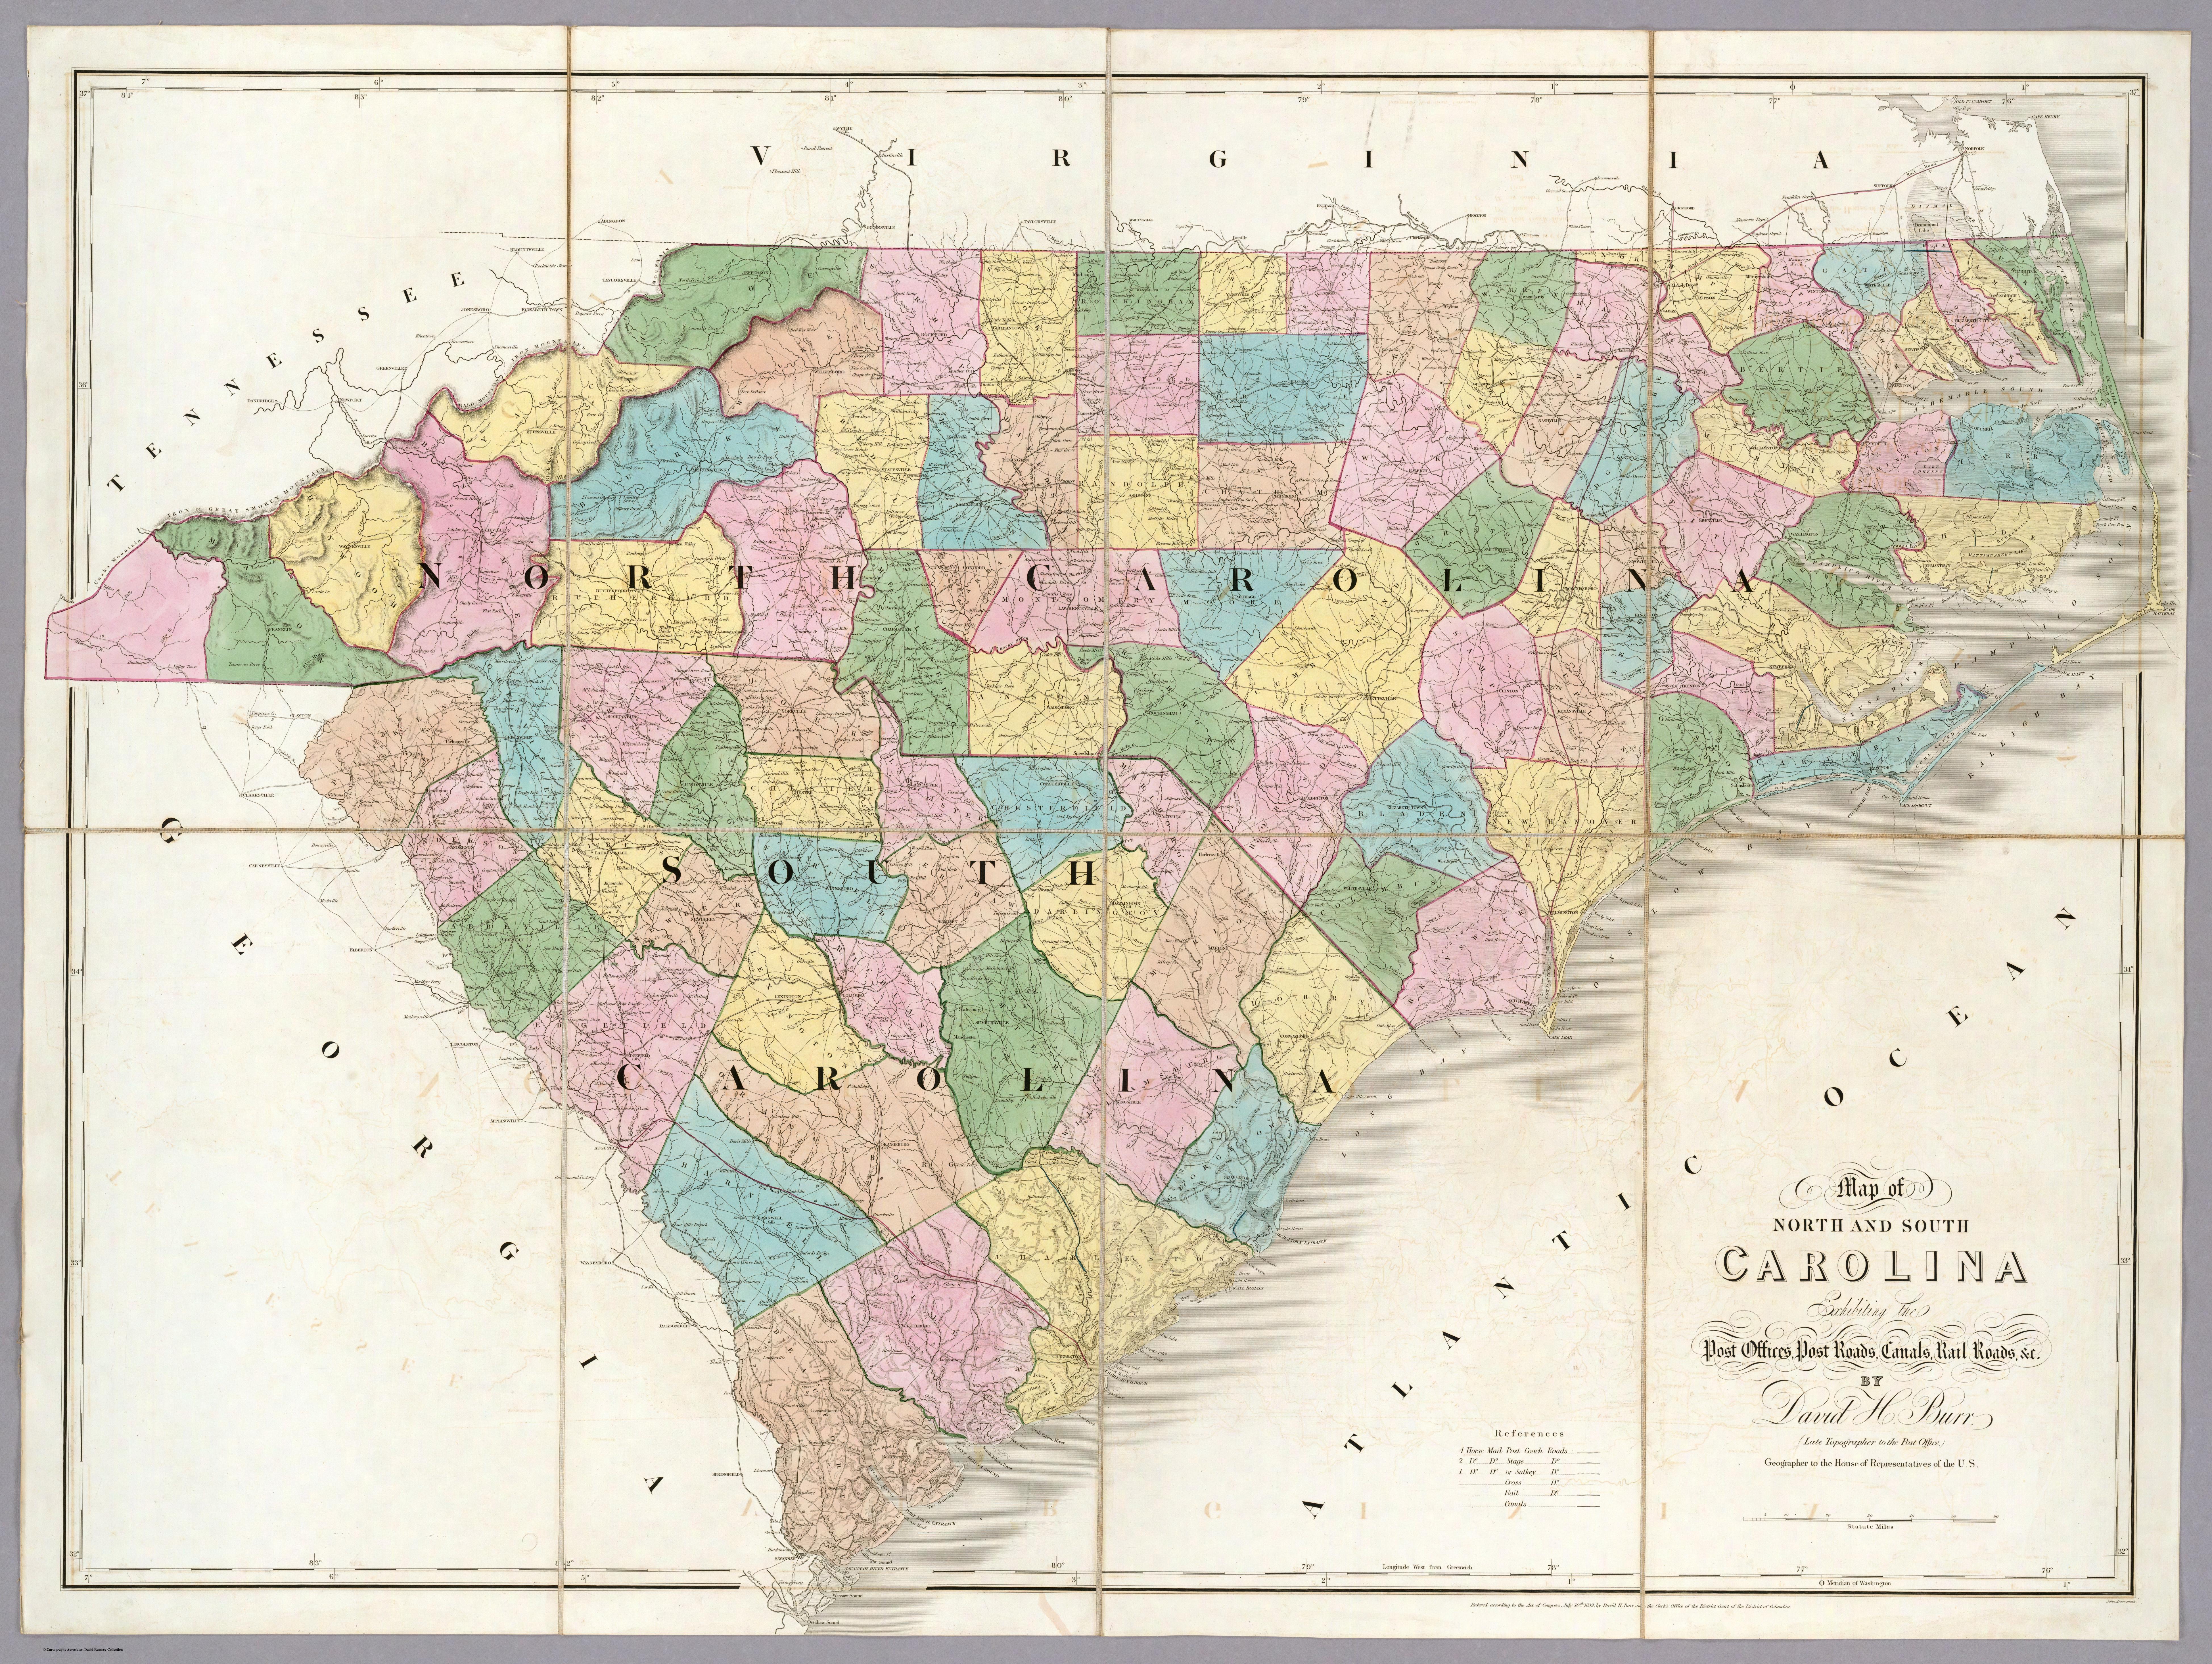 Map North Carolina and South Carolina county connections | Goyen ...